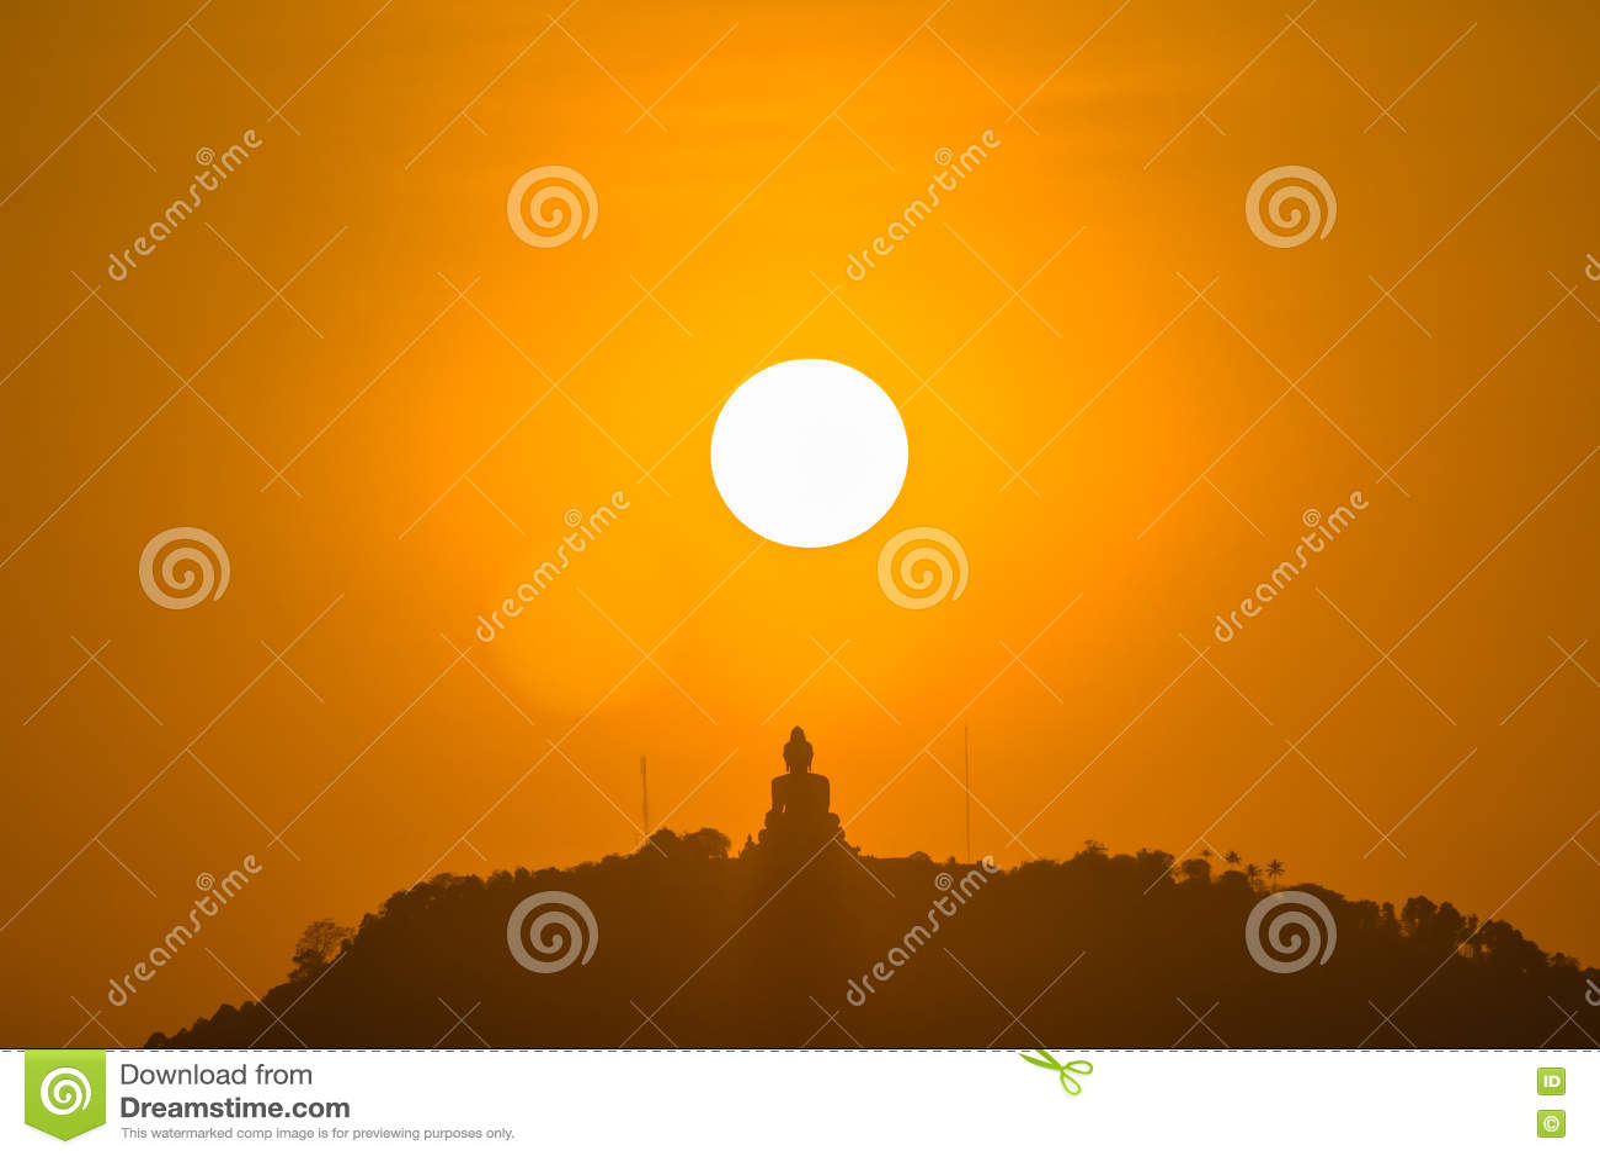 Round red sun above big Buddha